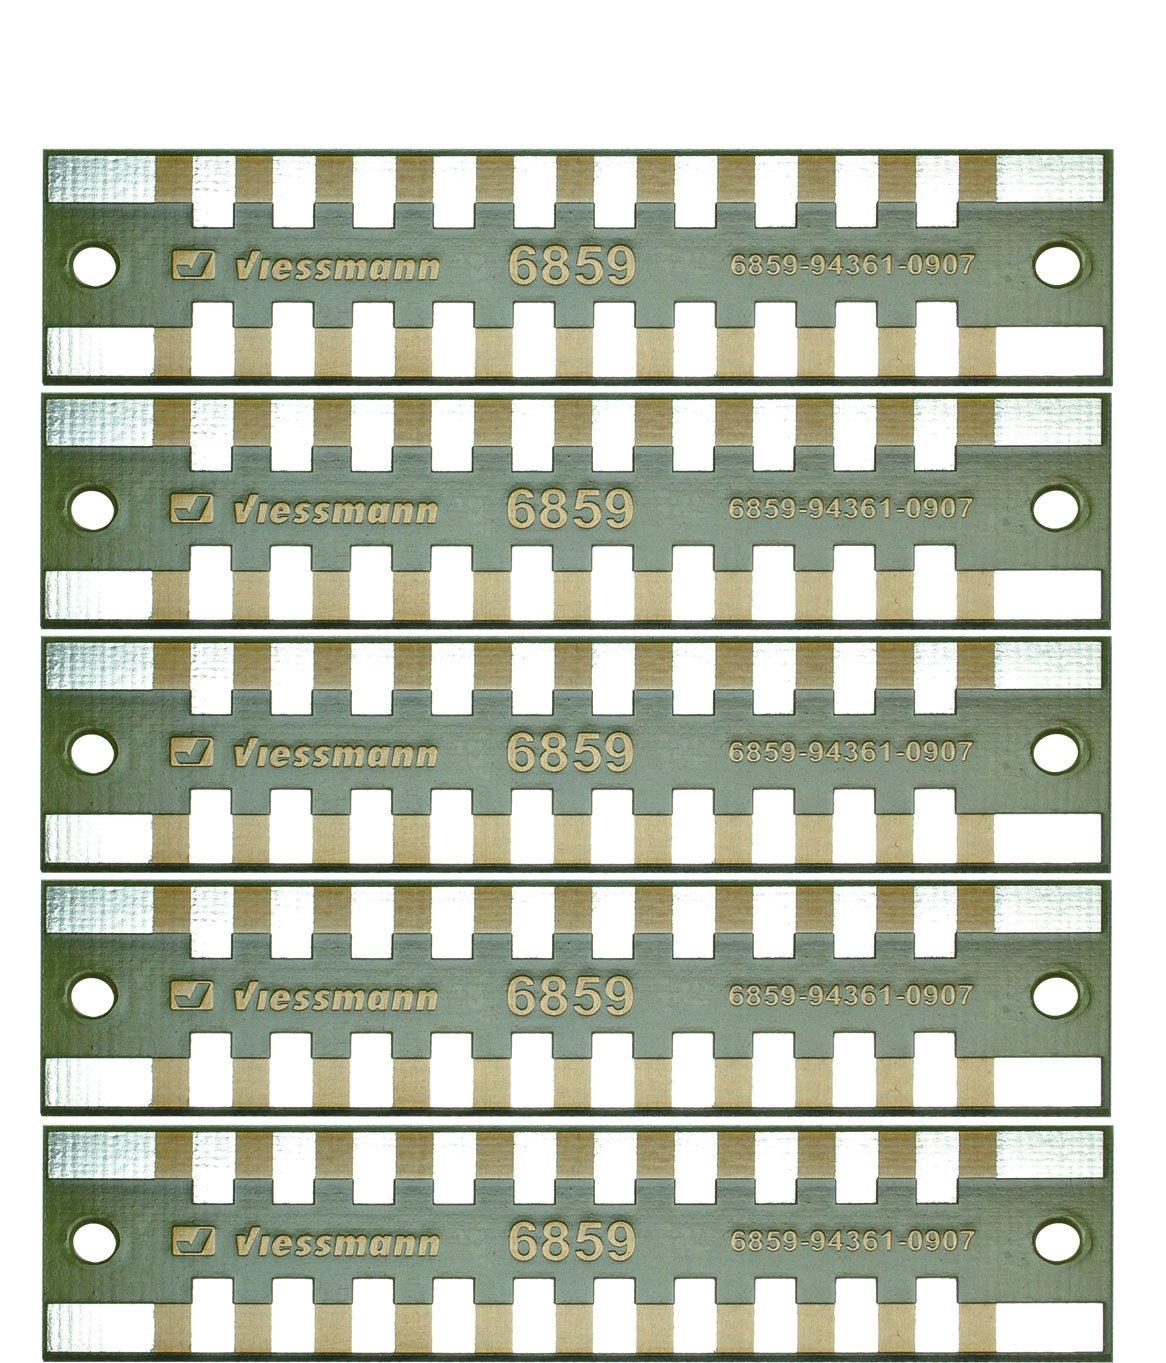 Viessmann 6859 - Löt-Verteilerleisten 2-polig, 5 Stück